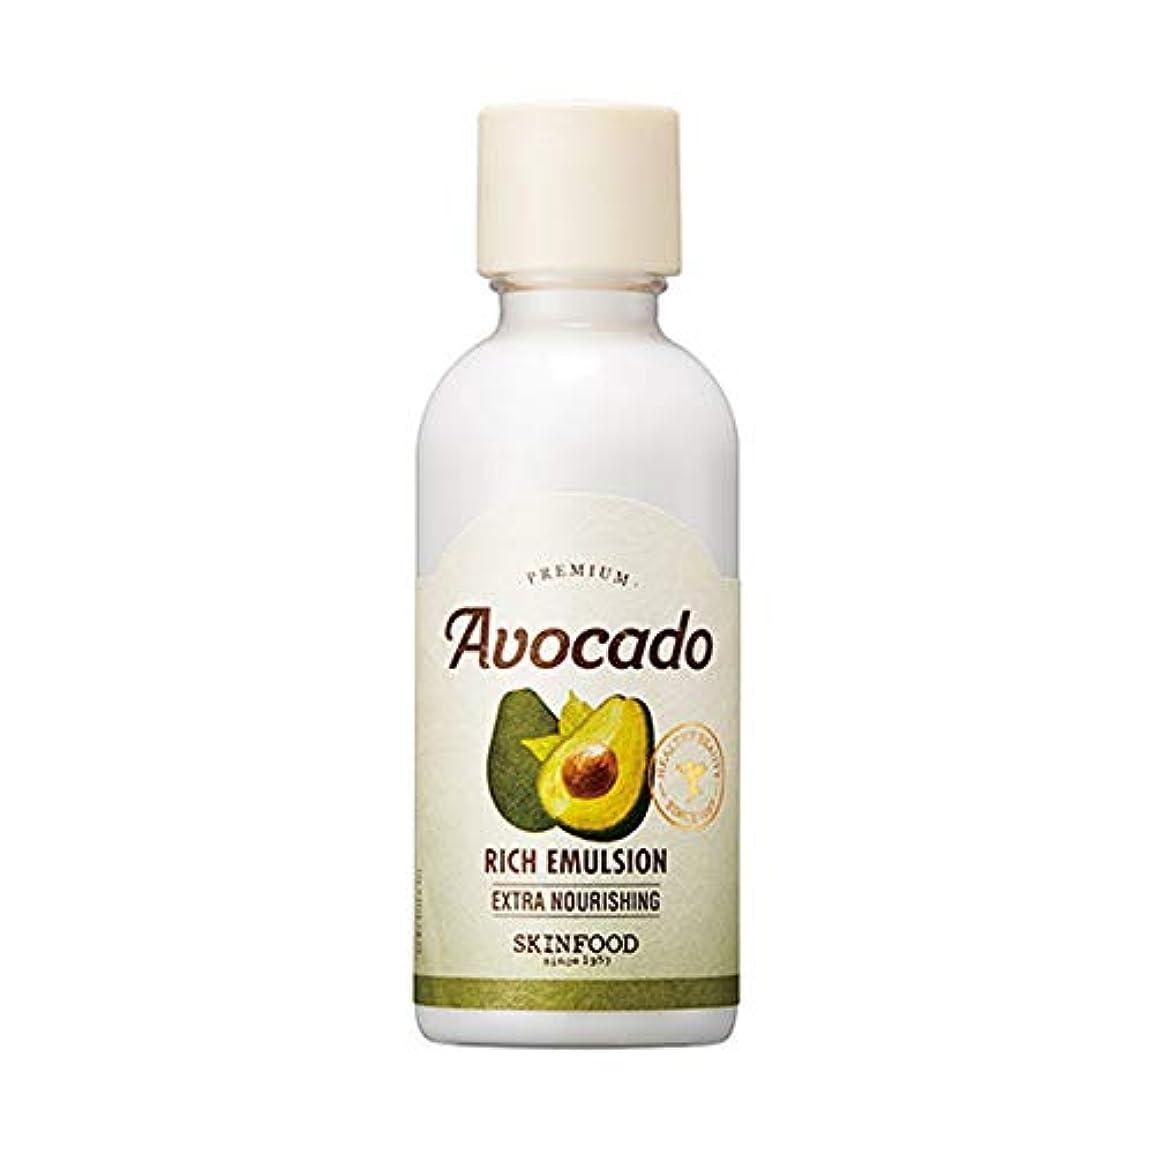 砂のほぼ薄いSkinfood プレミアムアボカドリッチエマルジョン/Premium Avocado Rich Emulsion 160ml [並行輸入品]